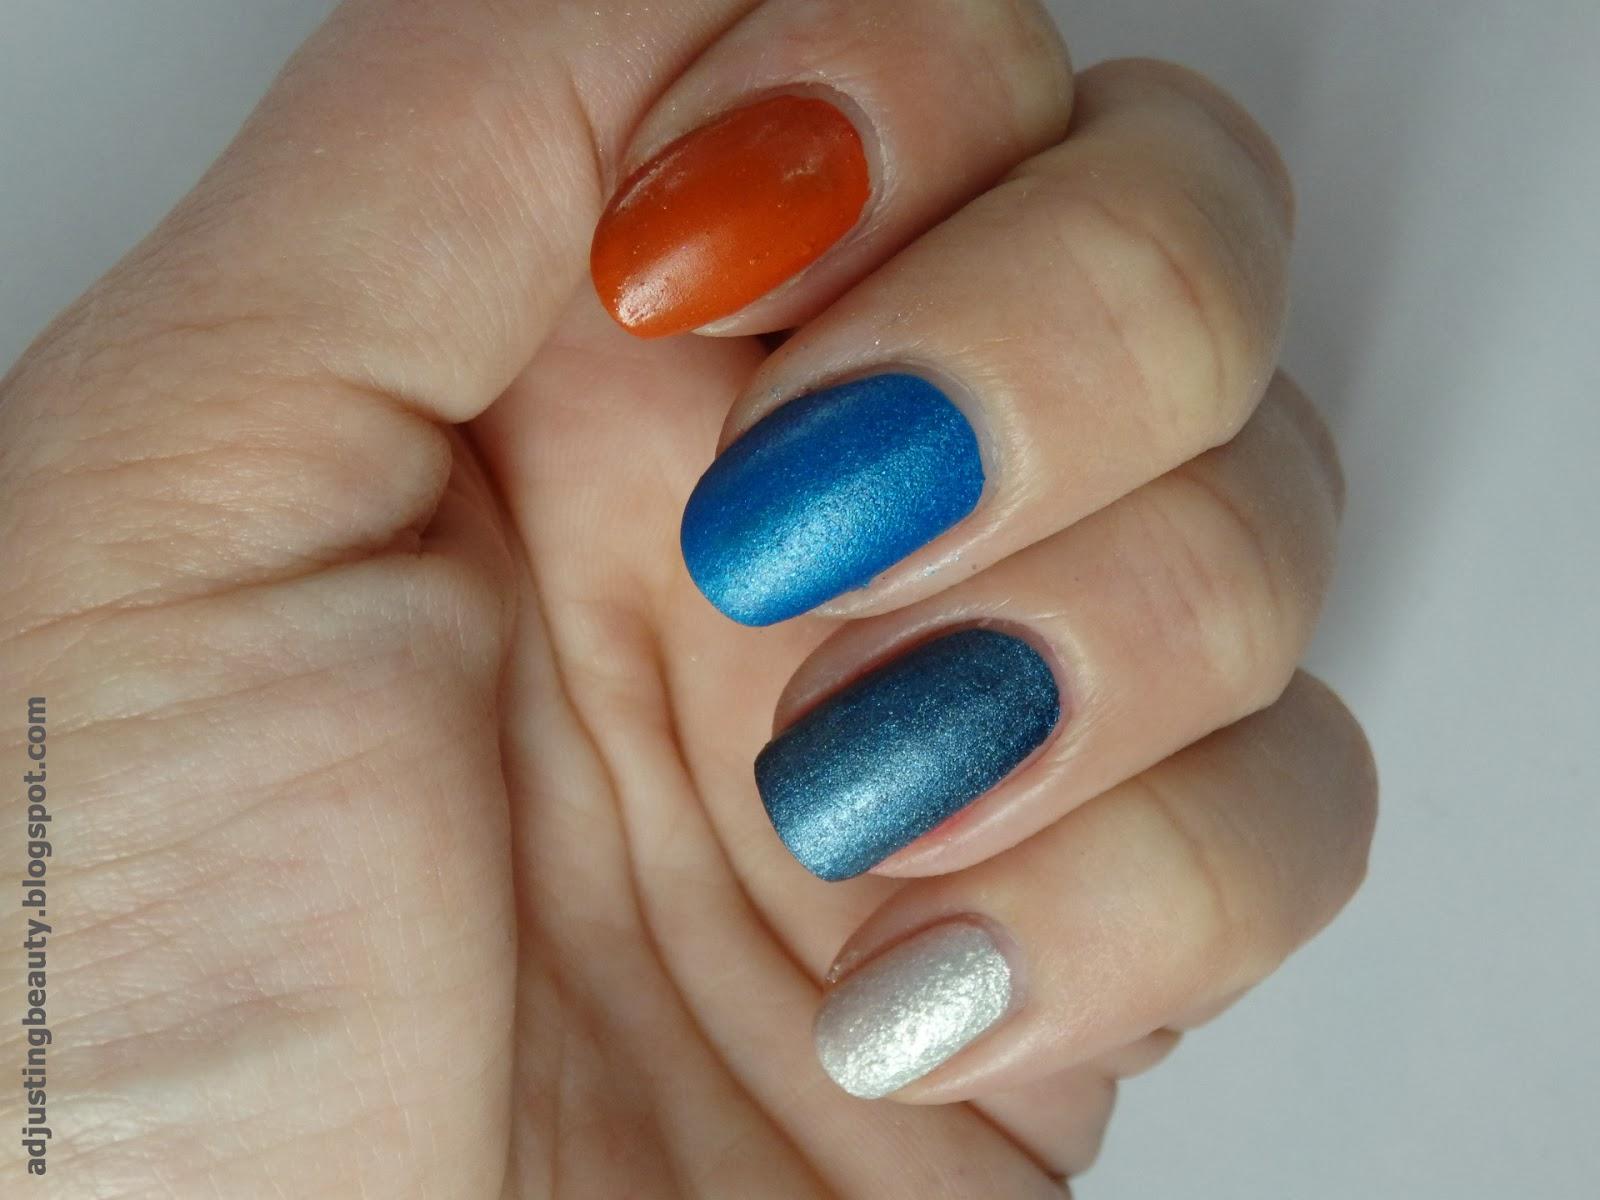 DIY: Matte nail polish (using pigments and eye shadow) - Adjusting ...